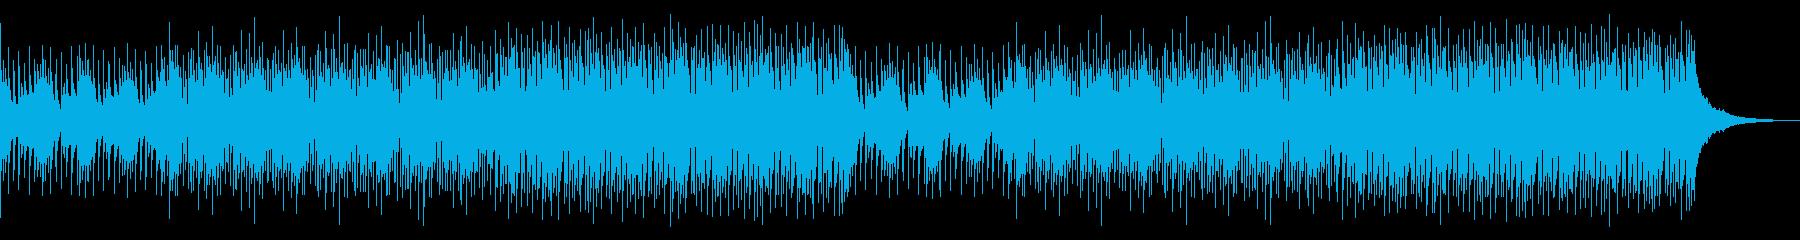 企業VP・CM ピアノ シンセ 切ないの再生済みの波形